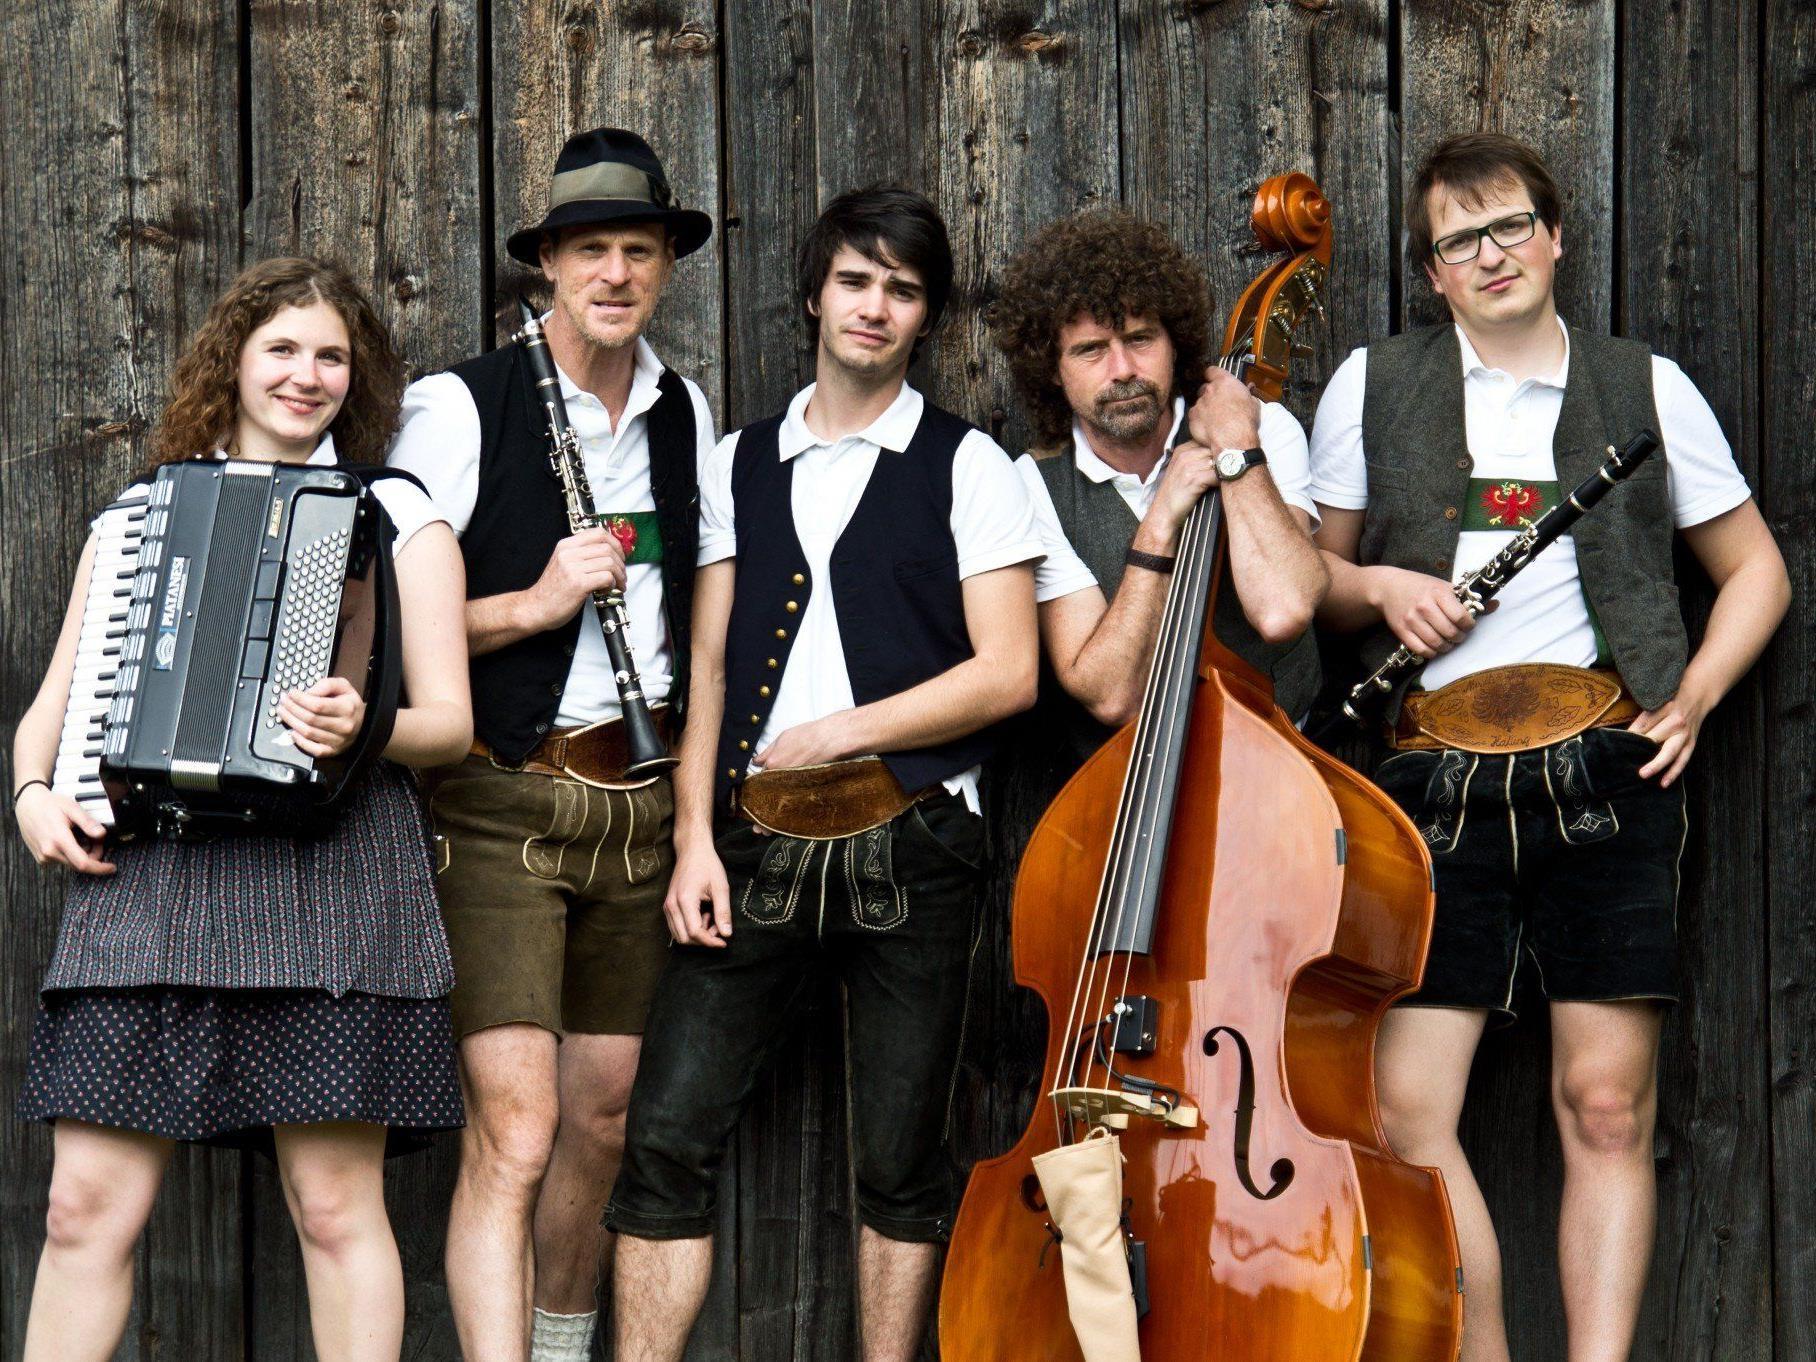 Fünf MusikerInnen aus dem Tiroler Oberland vermischen Melodien der alpenländischen Volksmusik mit neuen Klängen.